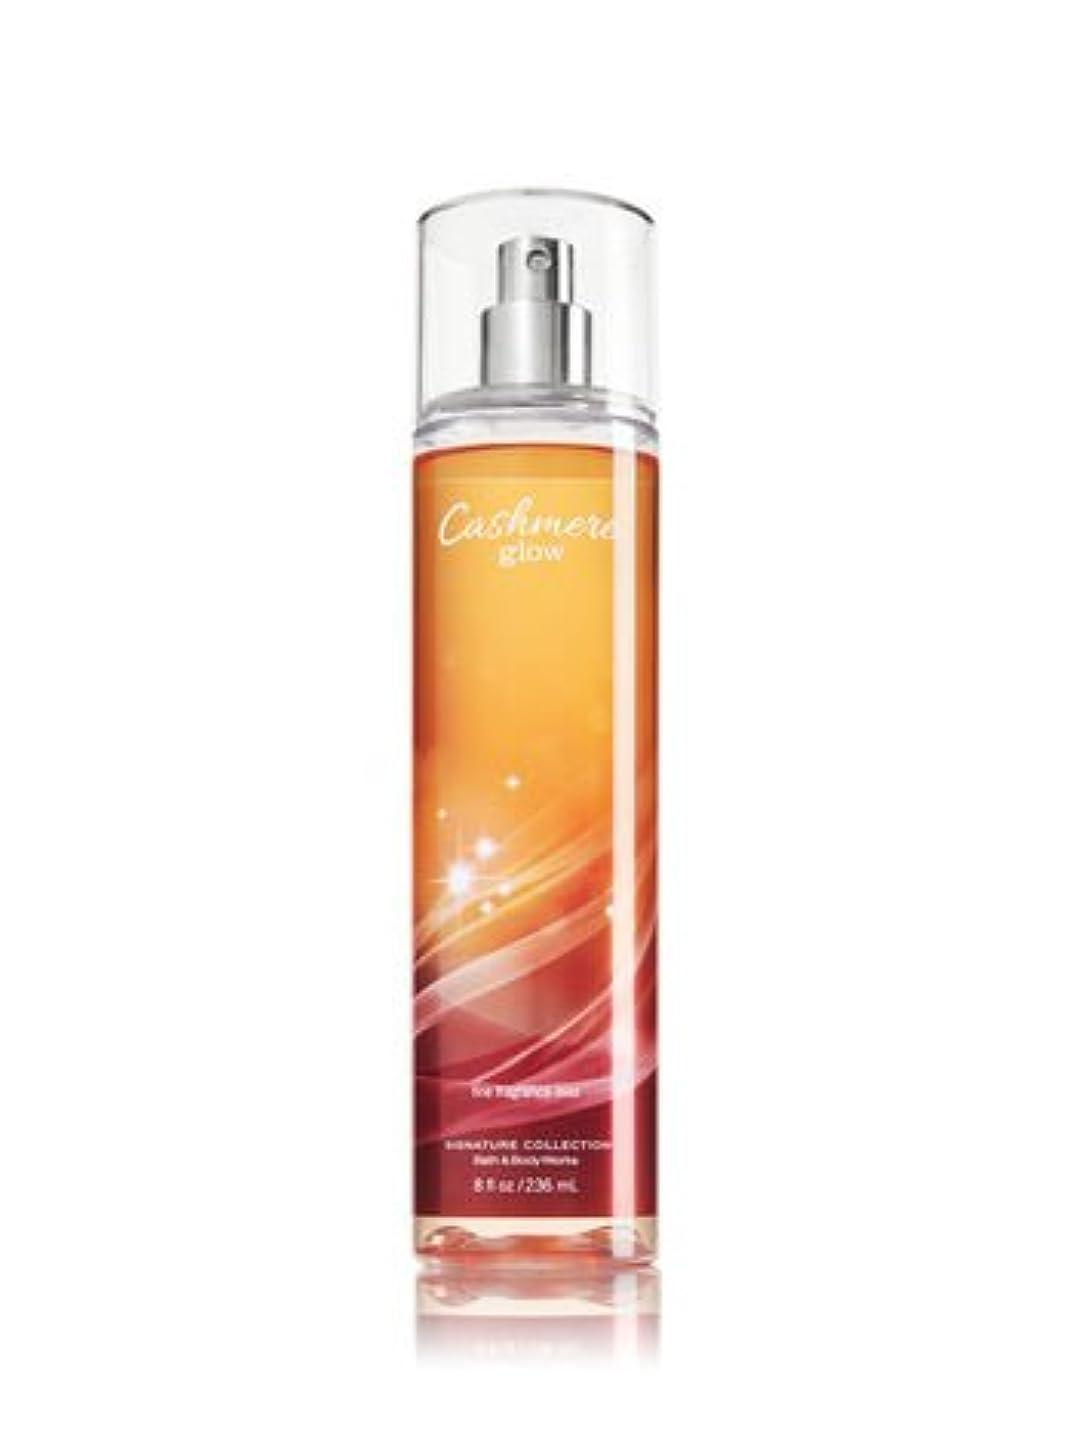 シルク特殊ベルベット【Bath&Body Works/バス&ボディワークス】 ファインフレグランスミスト カシミアグロー Fine Fragrance Mist Cashmere Glow 8oz (236ml) [並行輸入品]